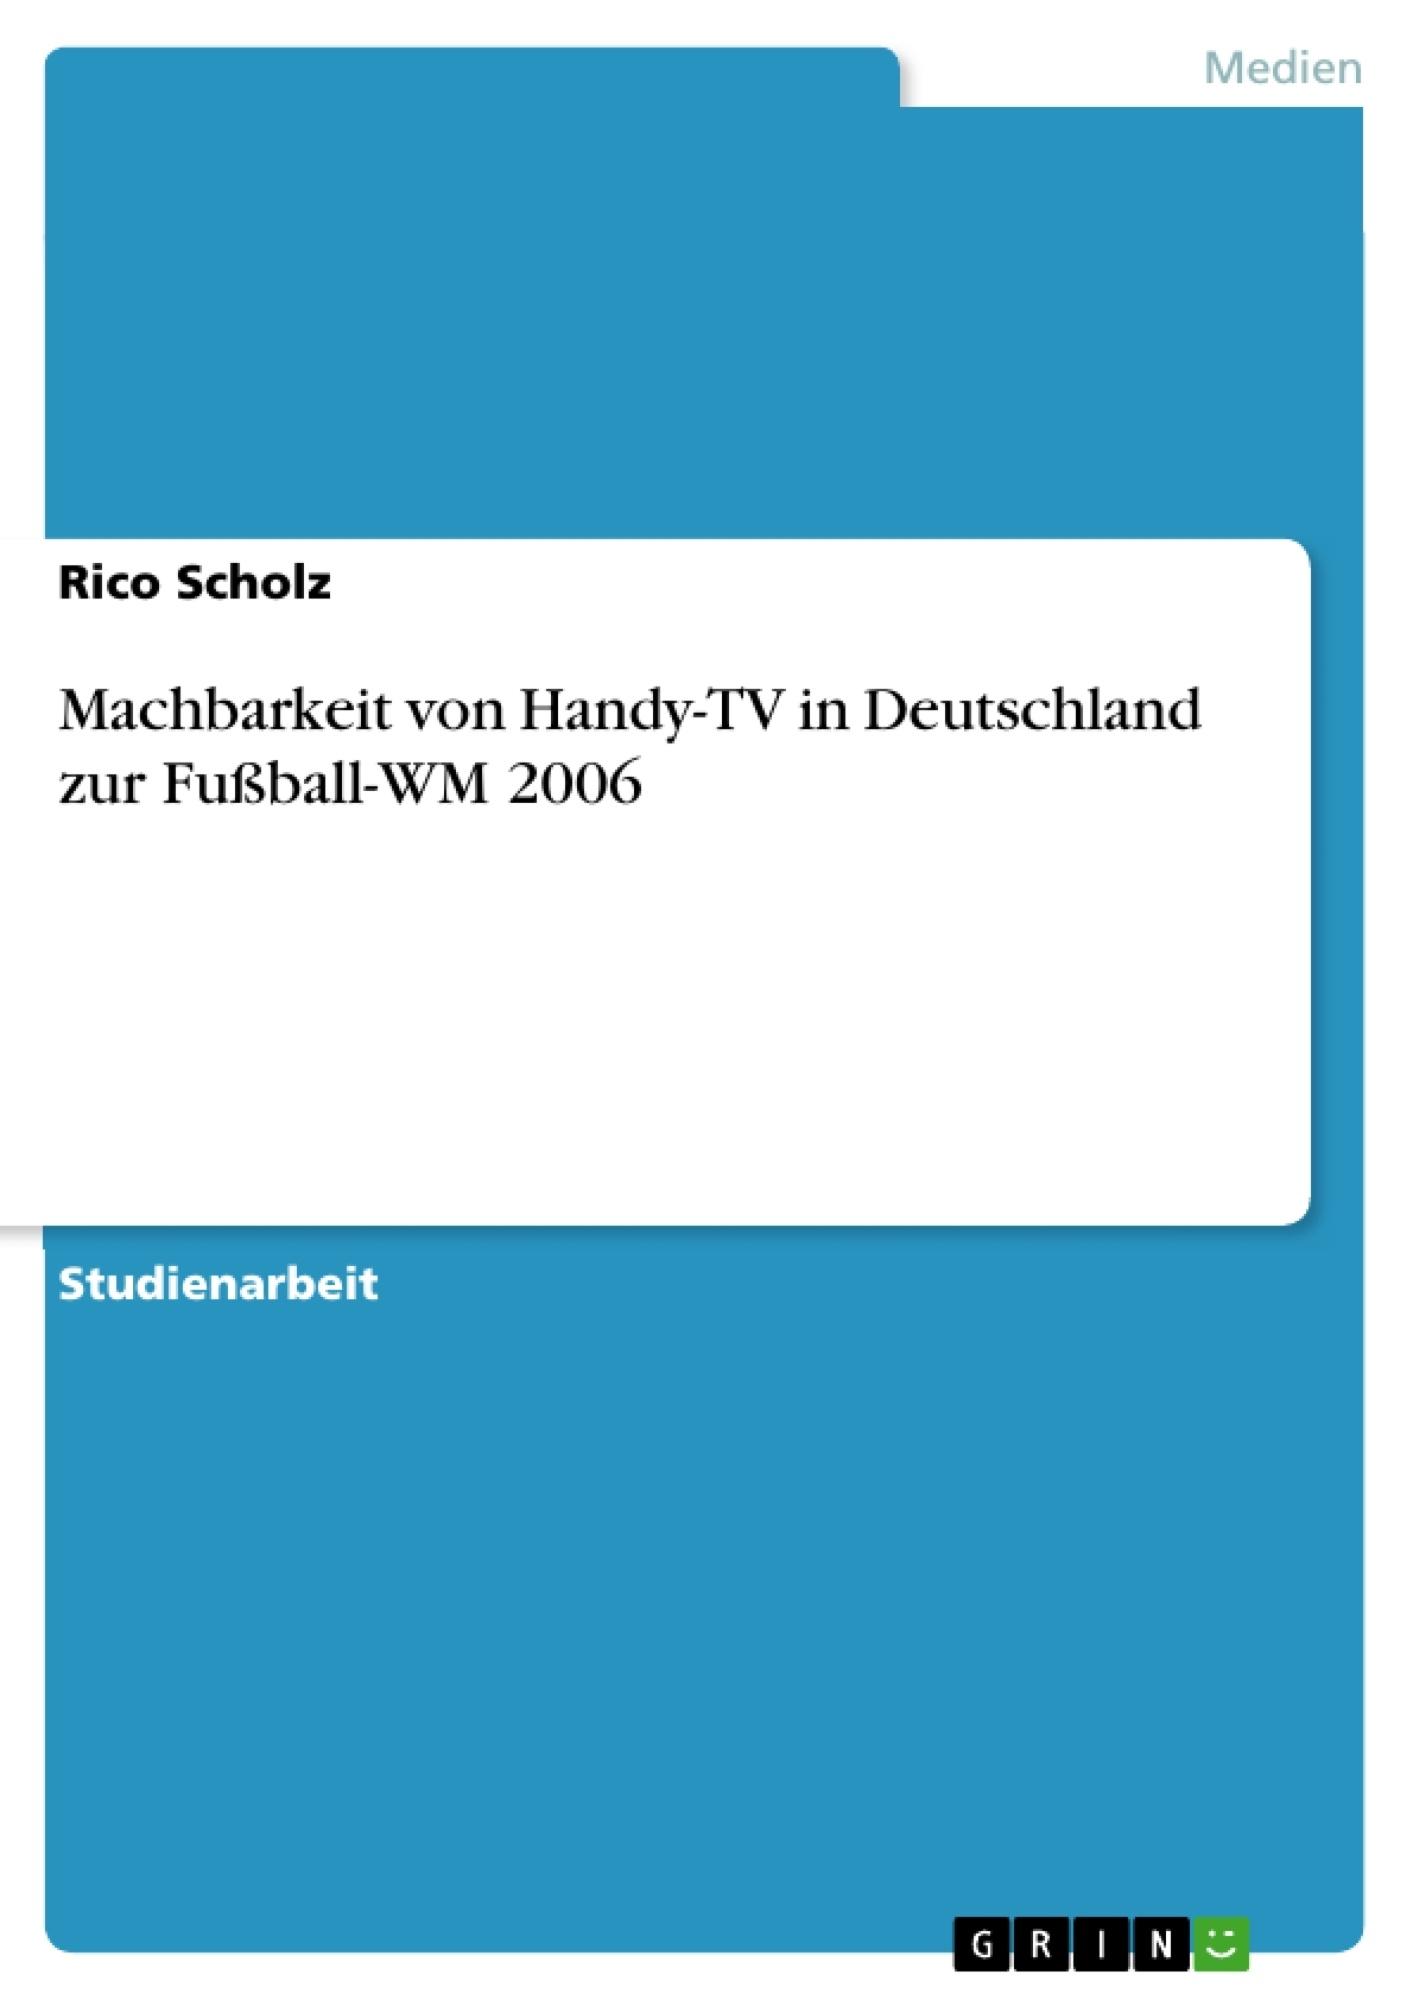 Titel: Machbarkeit von Handy-TV in Deutschland zur Fußball-WM 2006